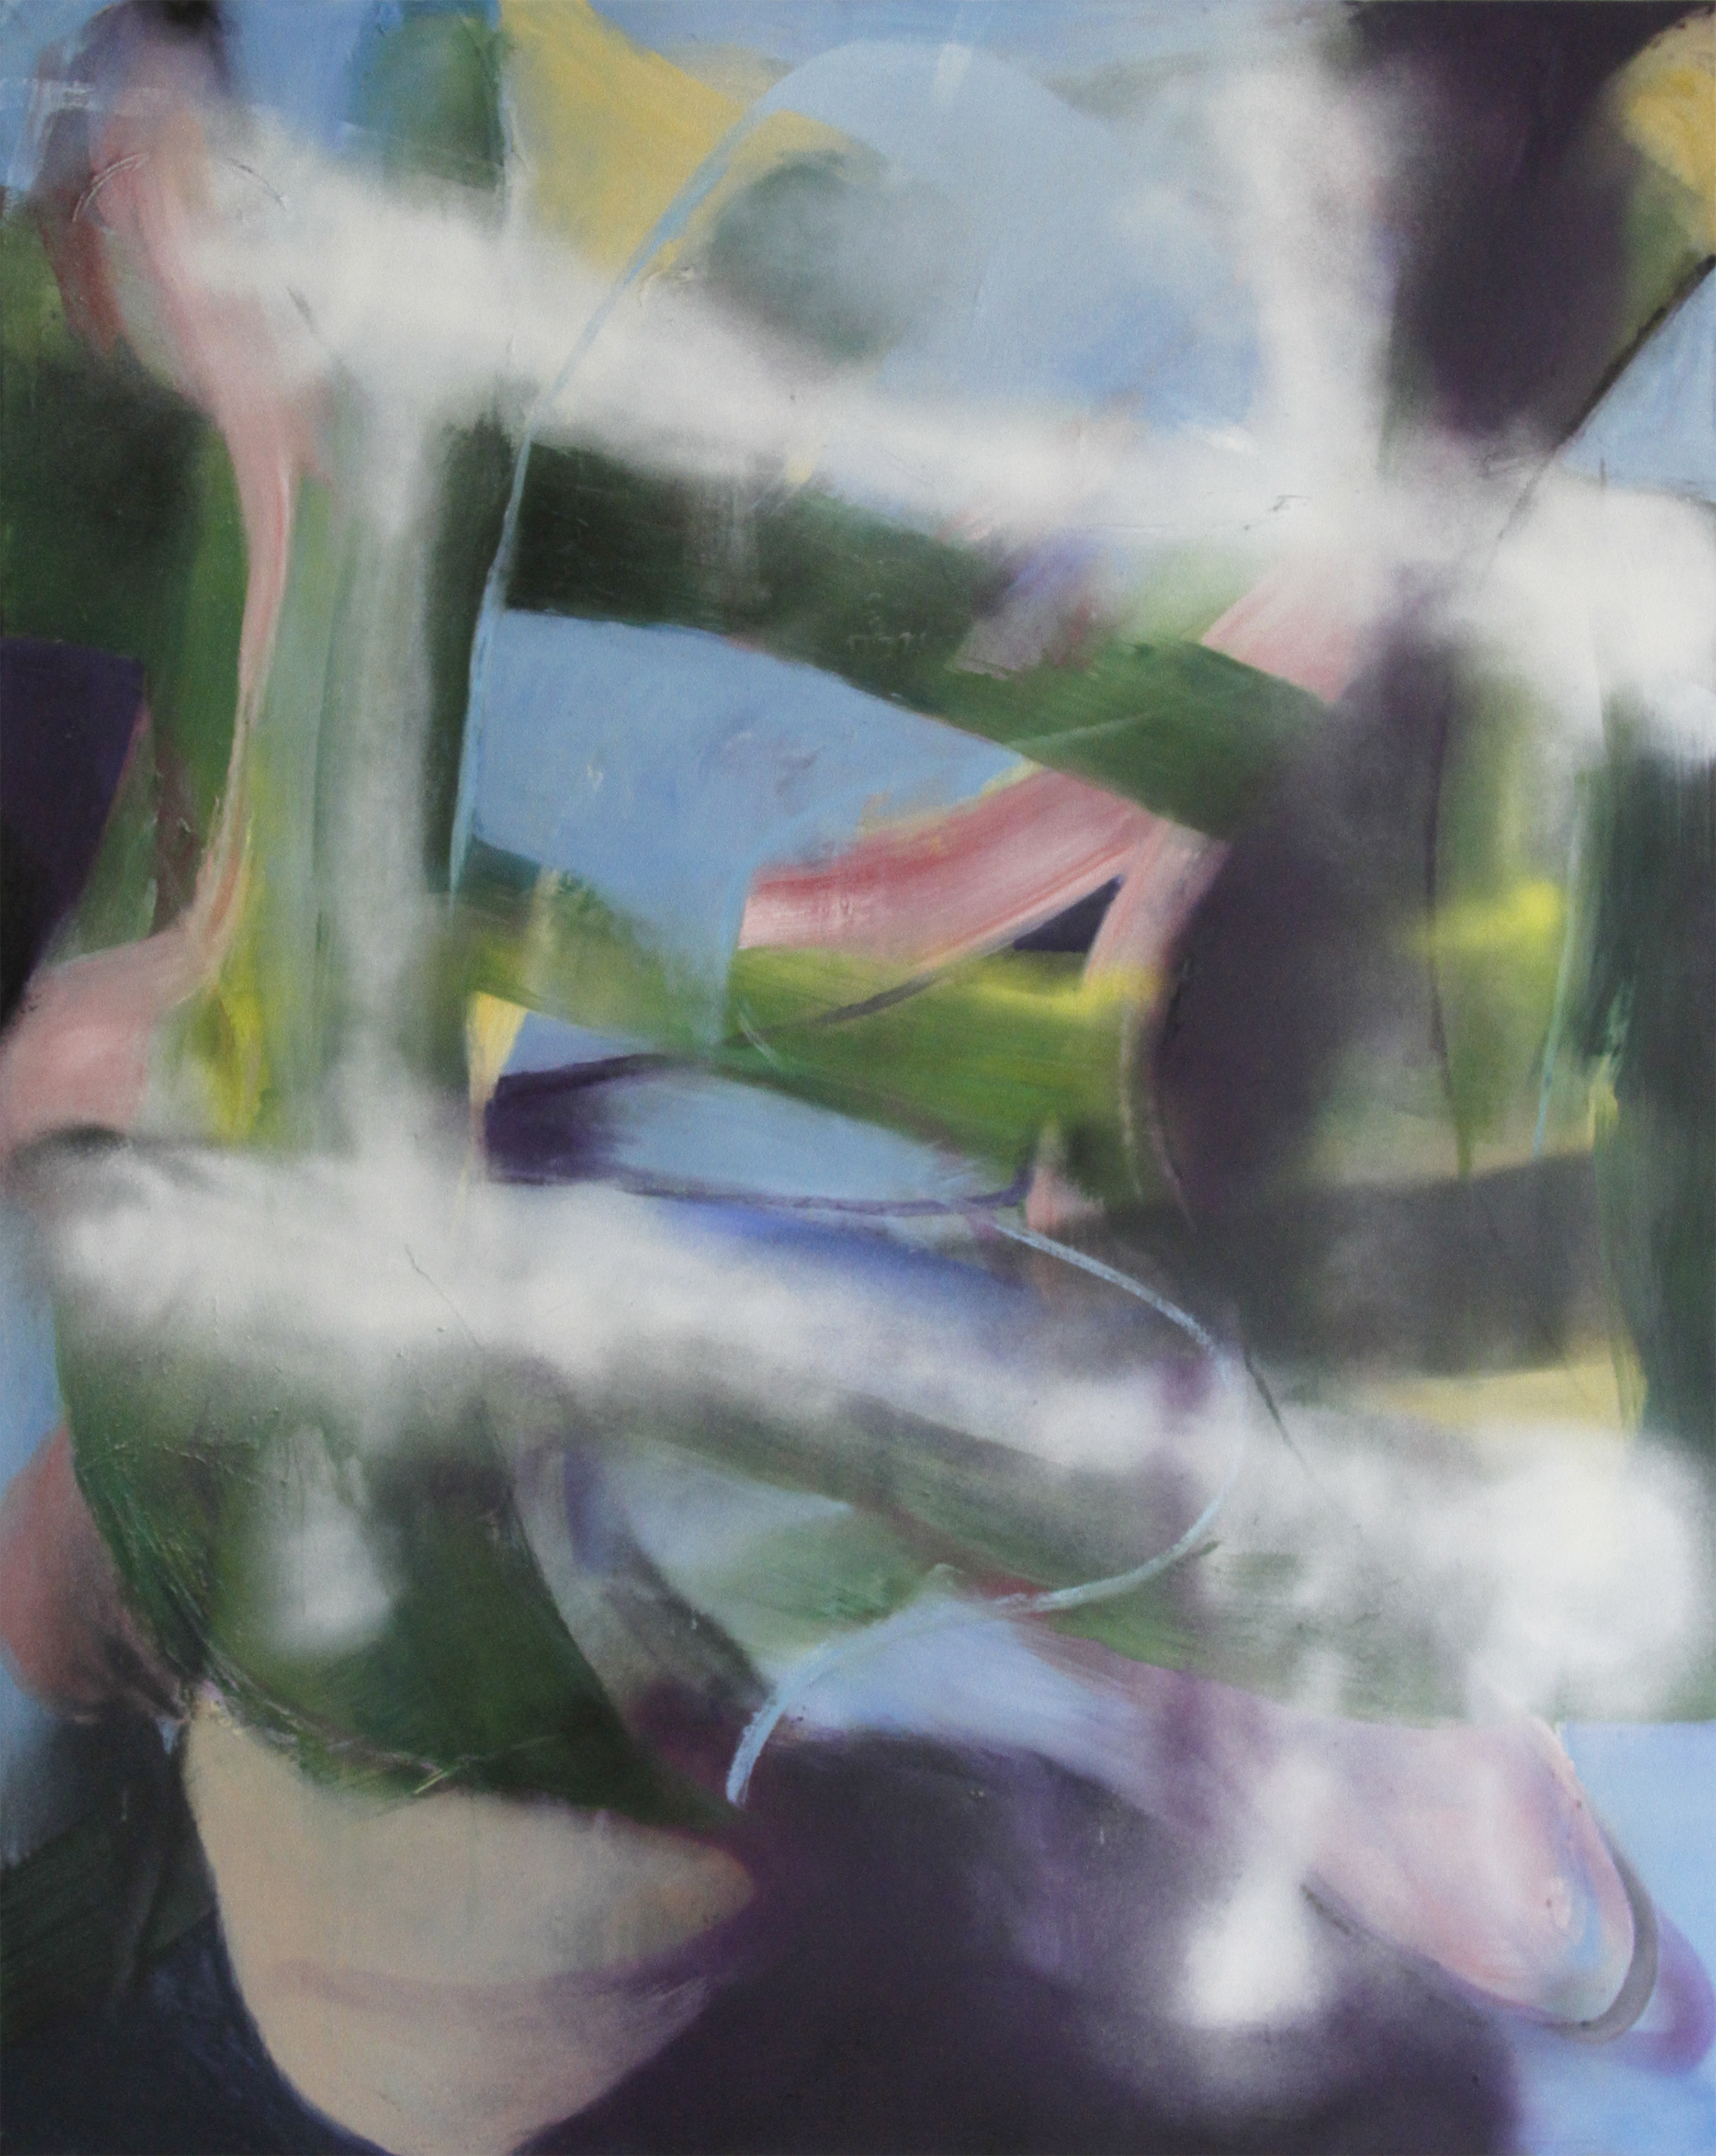 Matyas Malac : Untitled